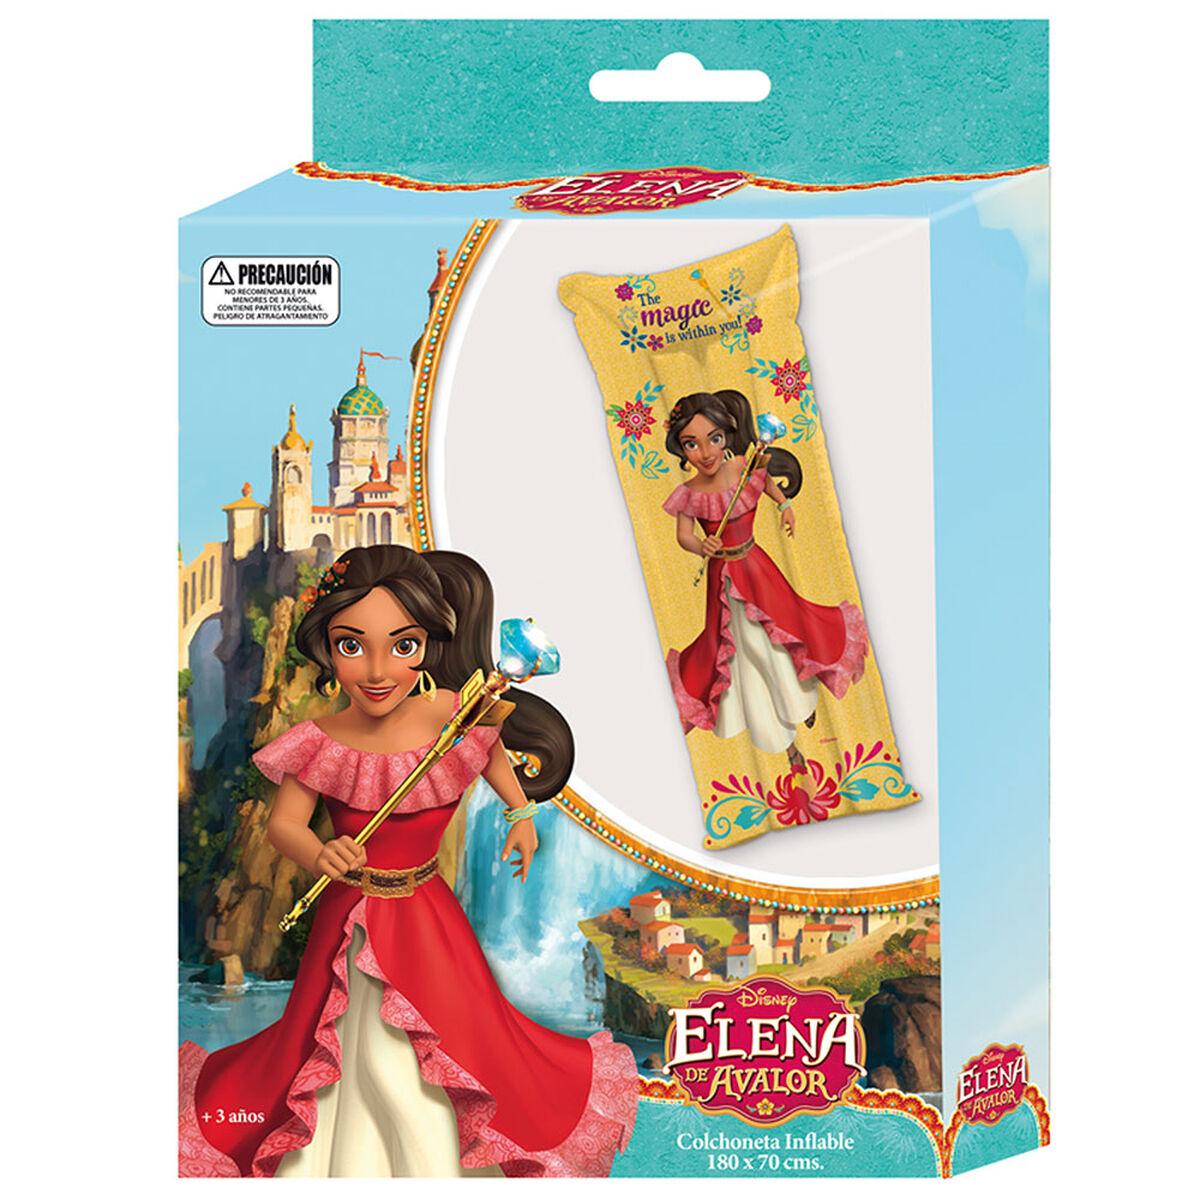 Colchoneta 180 X 70 cm Elena de Avalor Disney